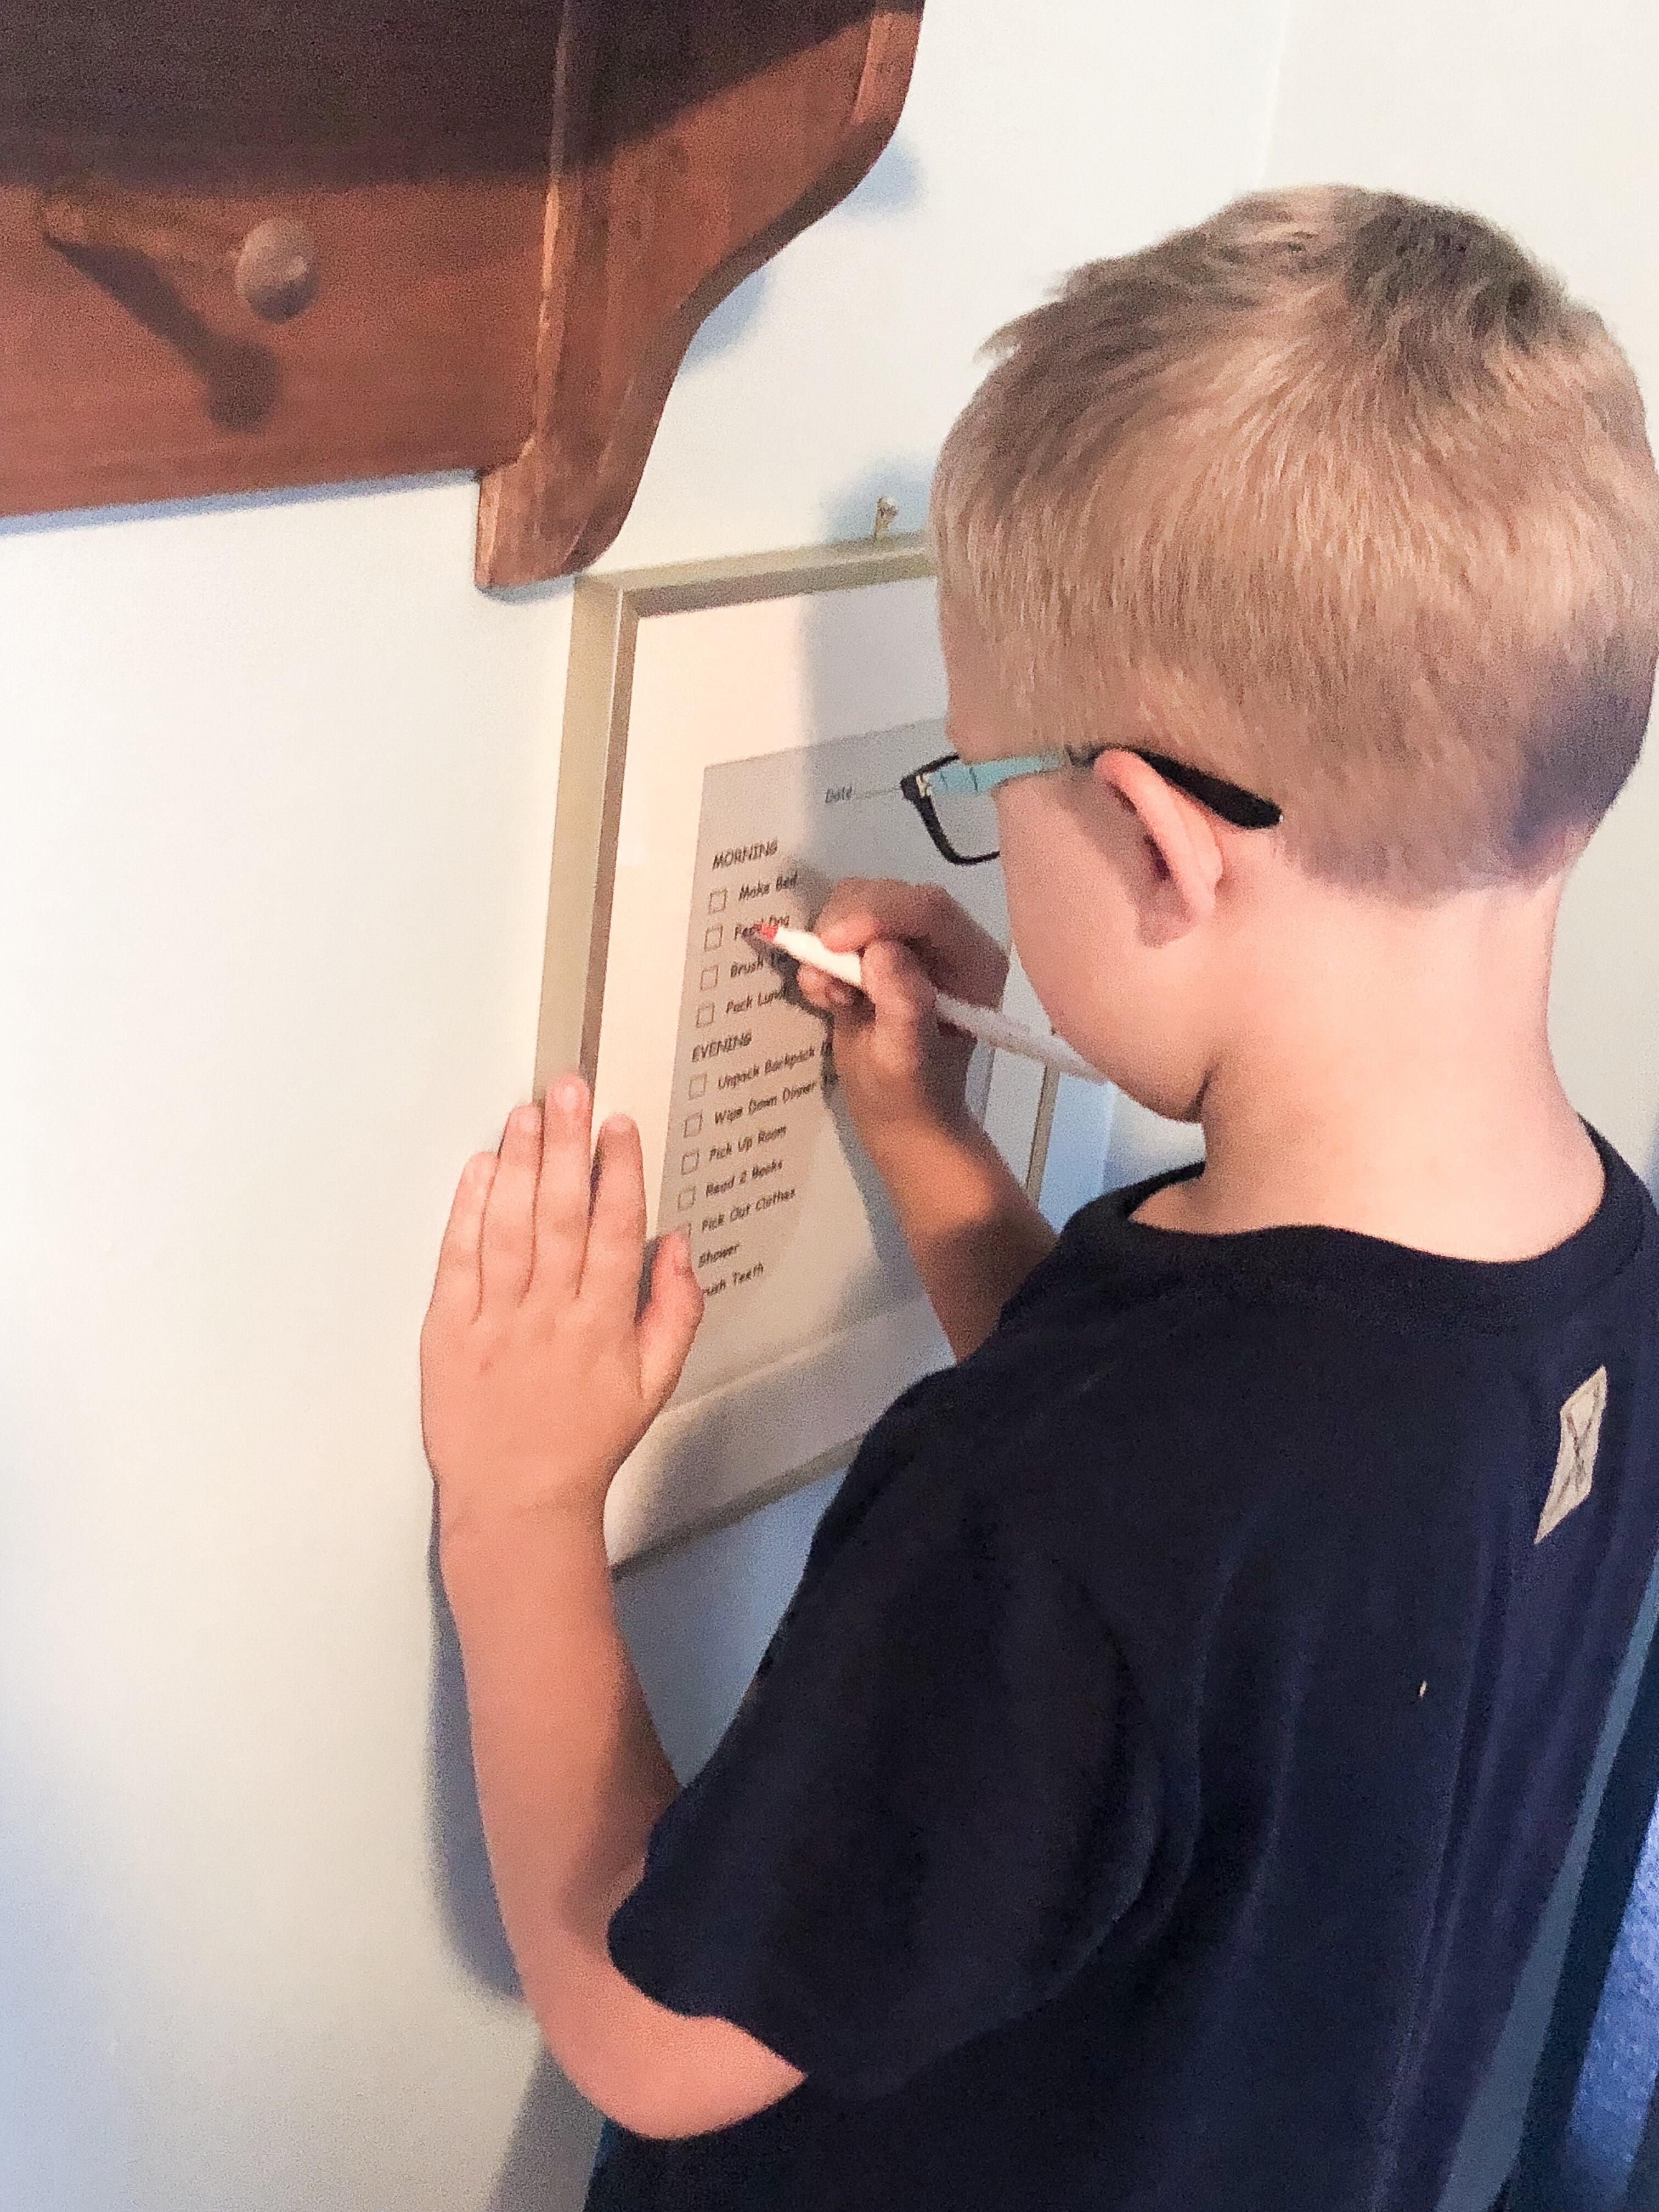 Easy DIY Task List for Kids